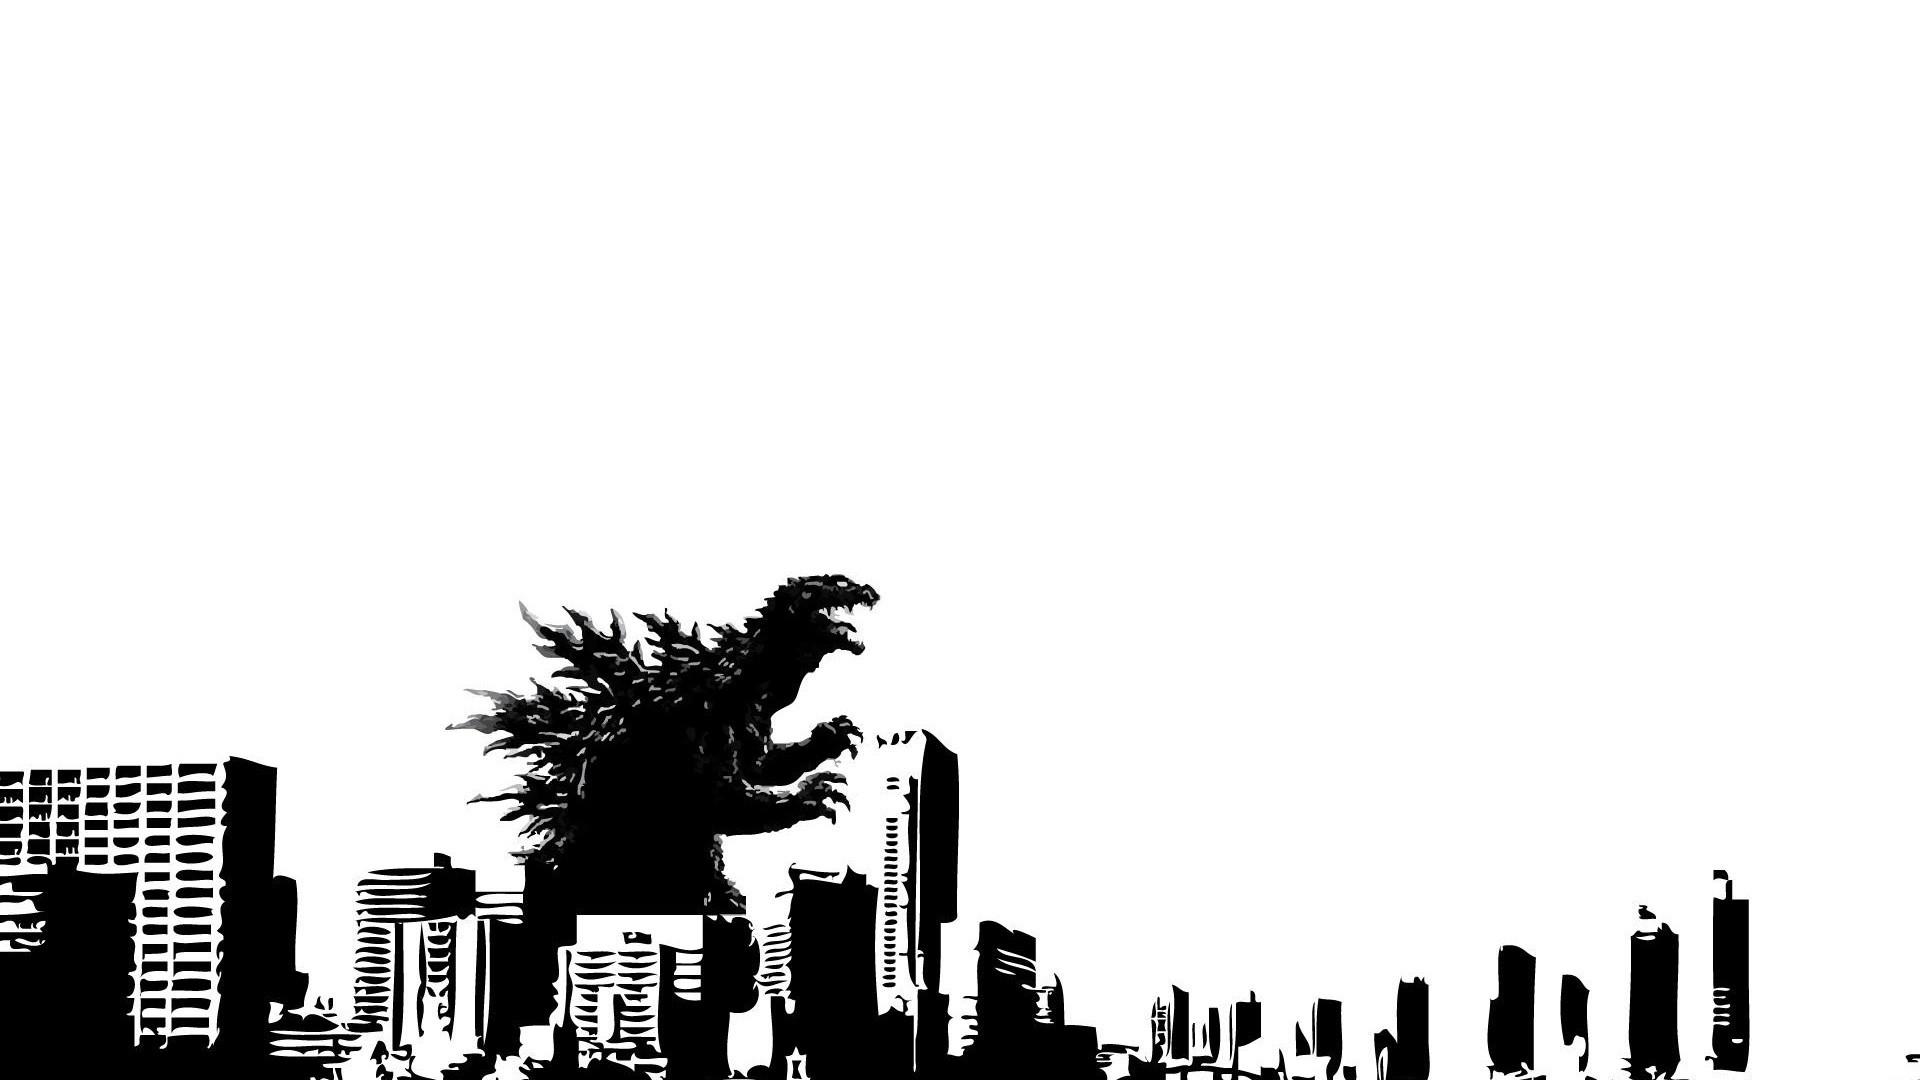 Godzilla Wallpaper Page 1